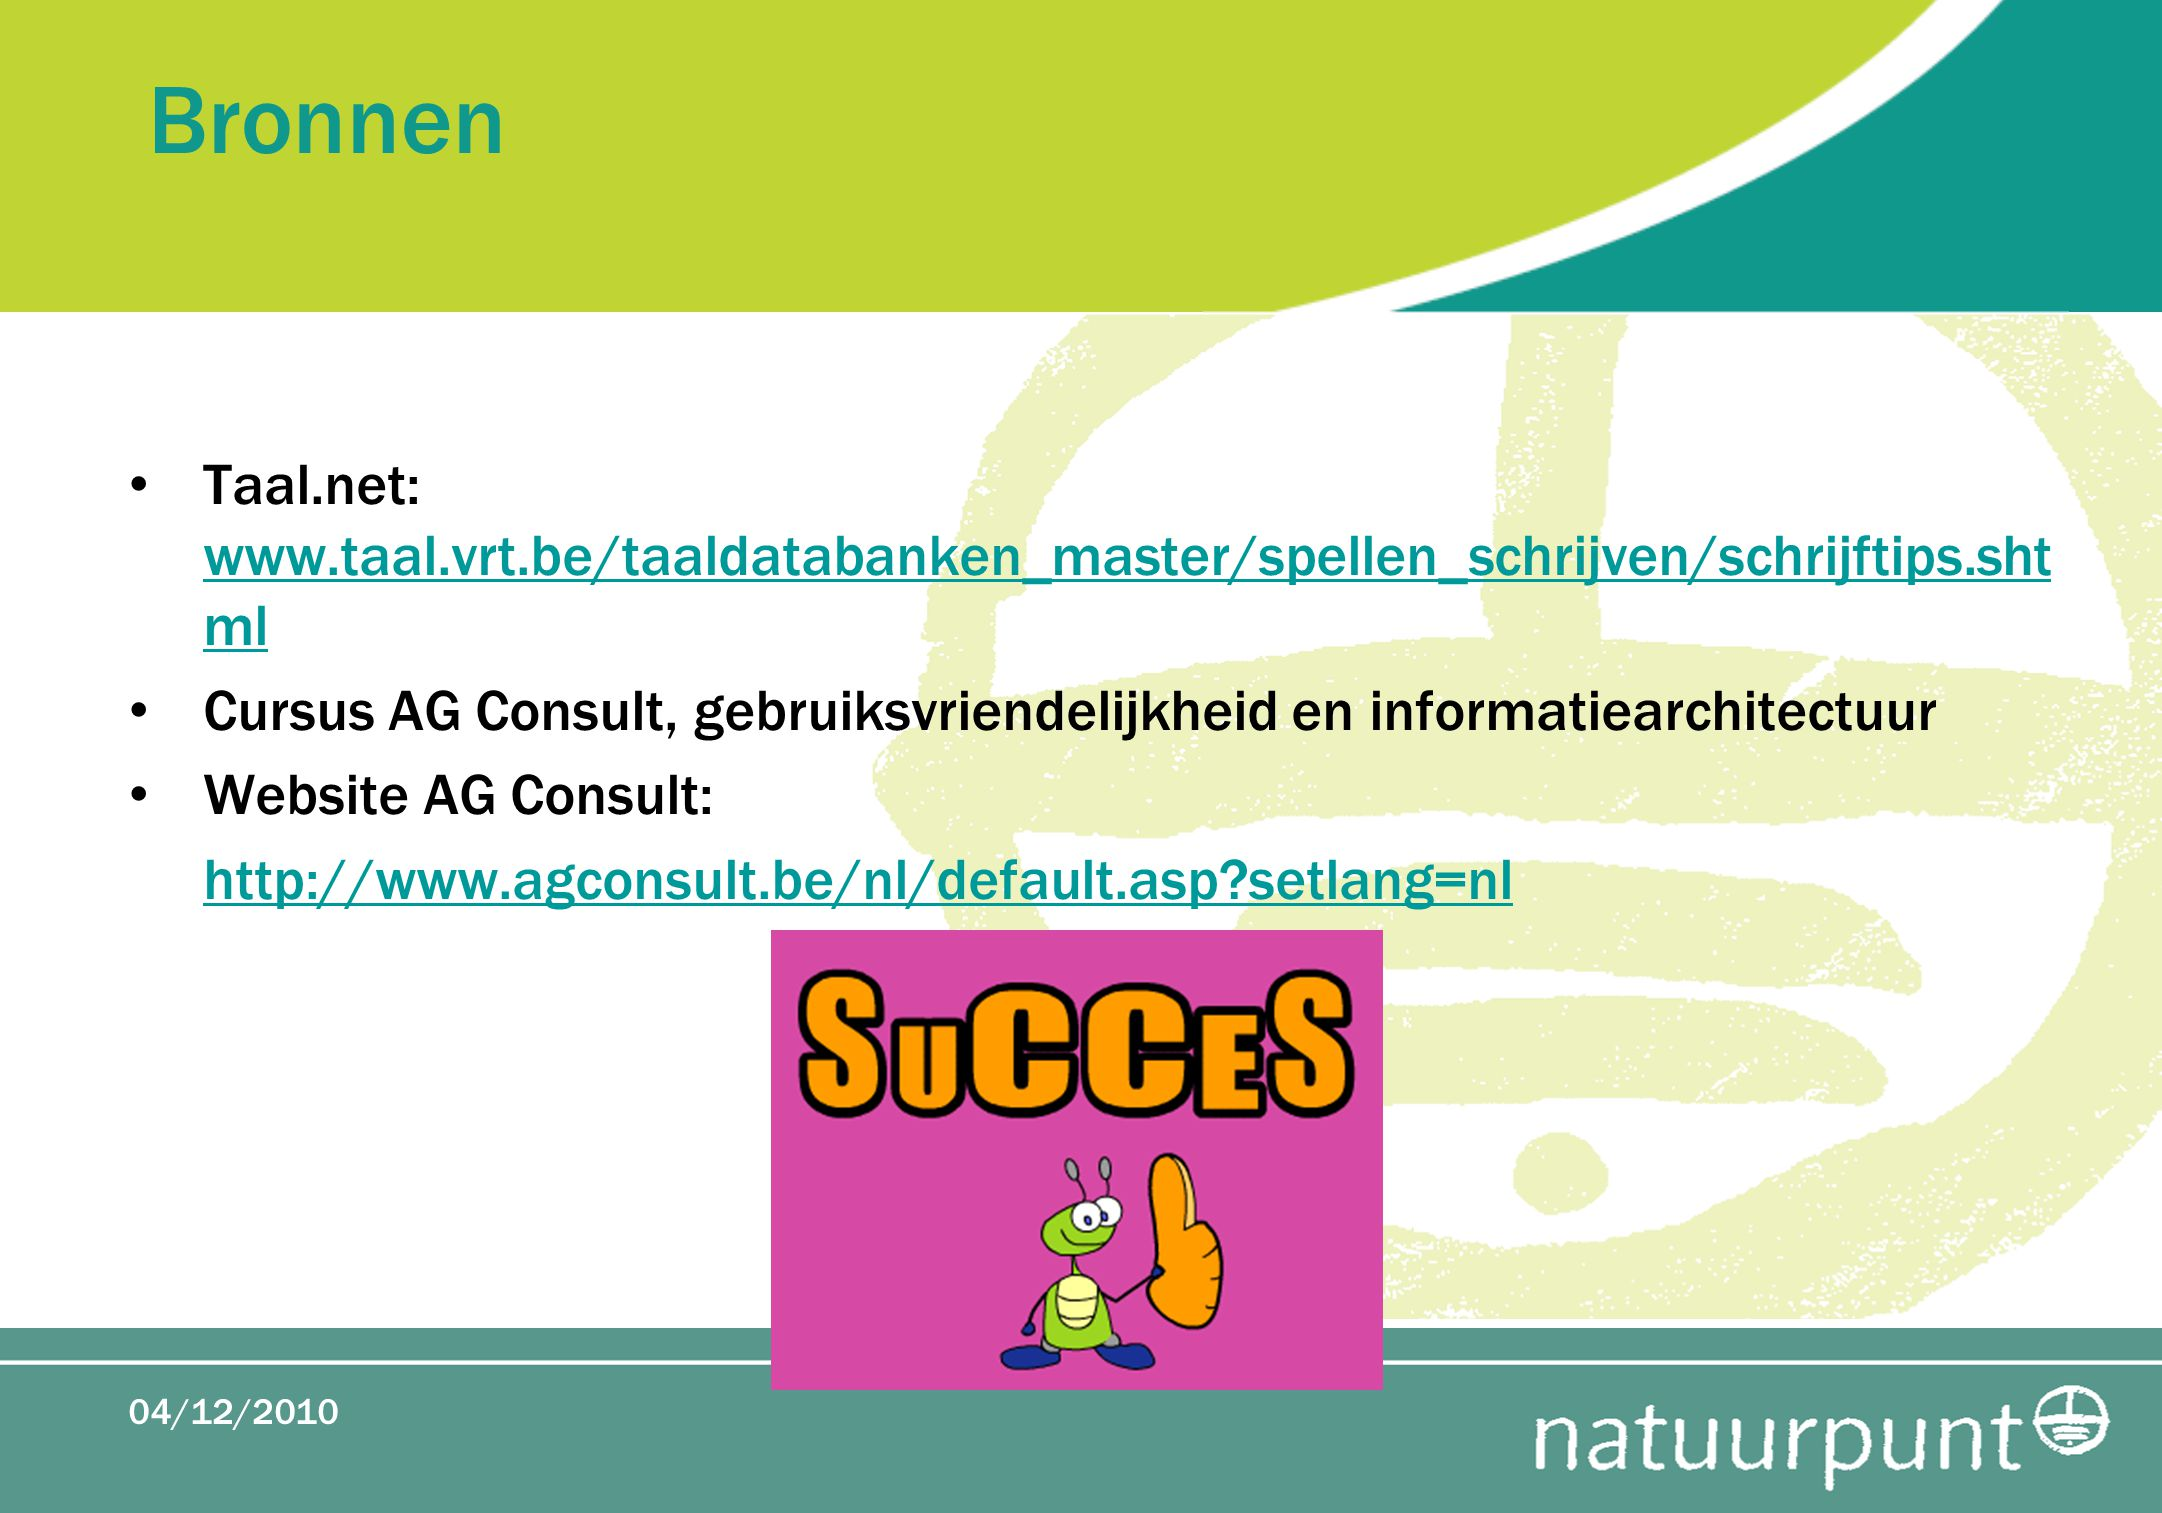 Bronnen Taal.net: www.taal.vrt.be/taaldatabanken_master/spellen_schrijven/schrijftips.sht ml www.taal.vrt.be/taaldatabanken_master/spellen_schrijven/s